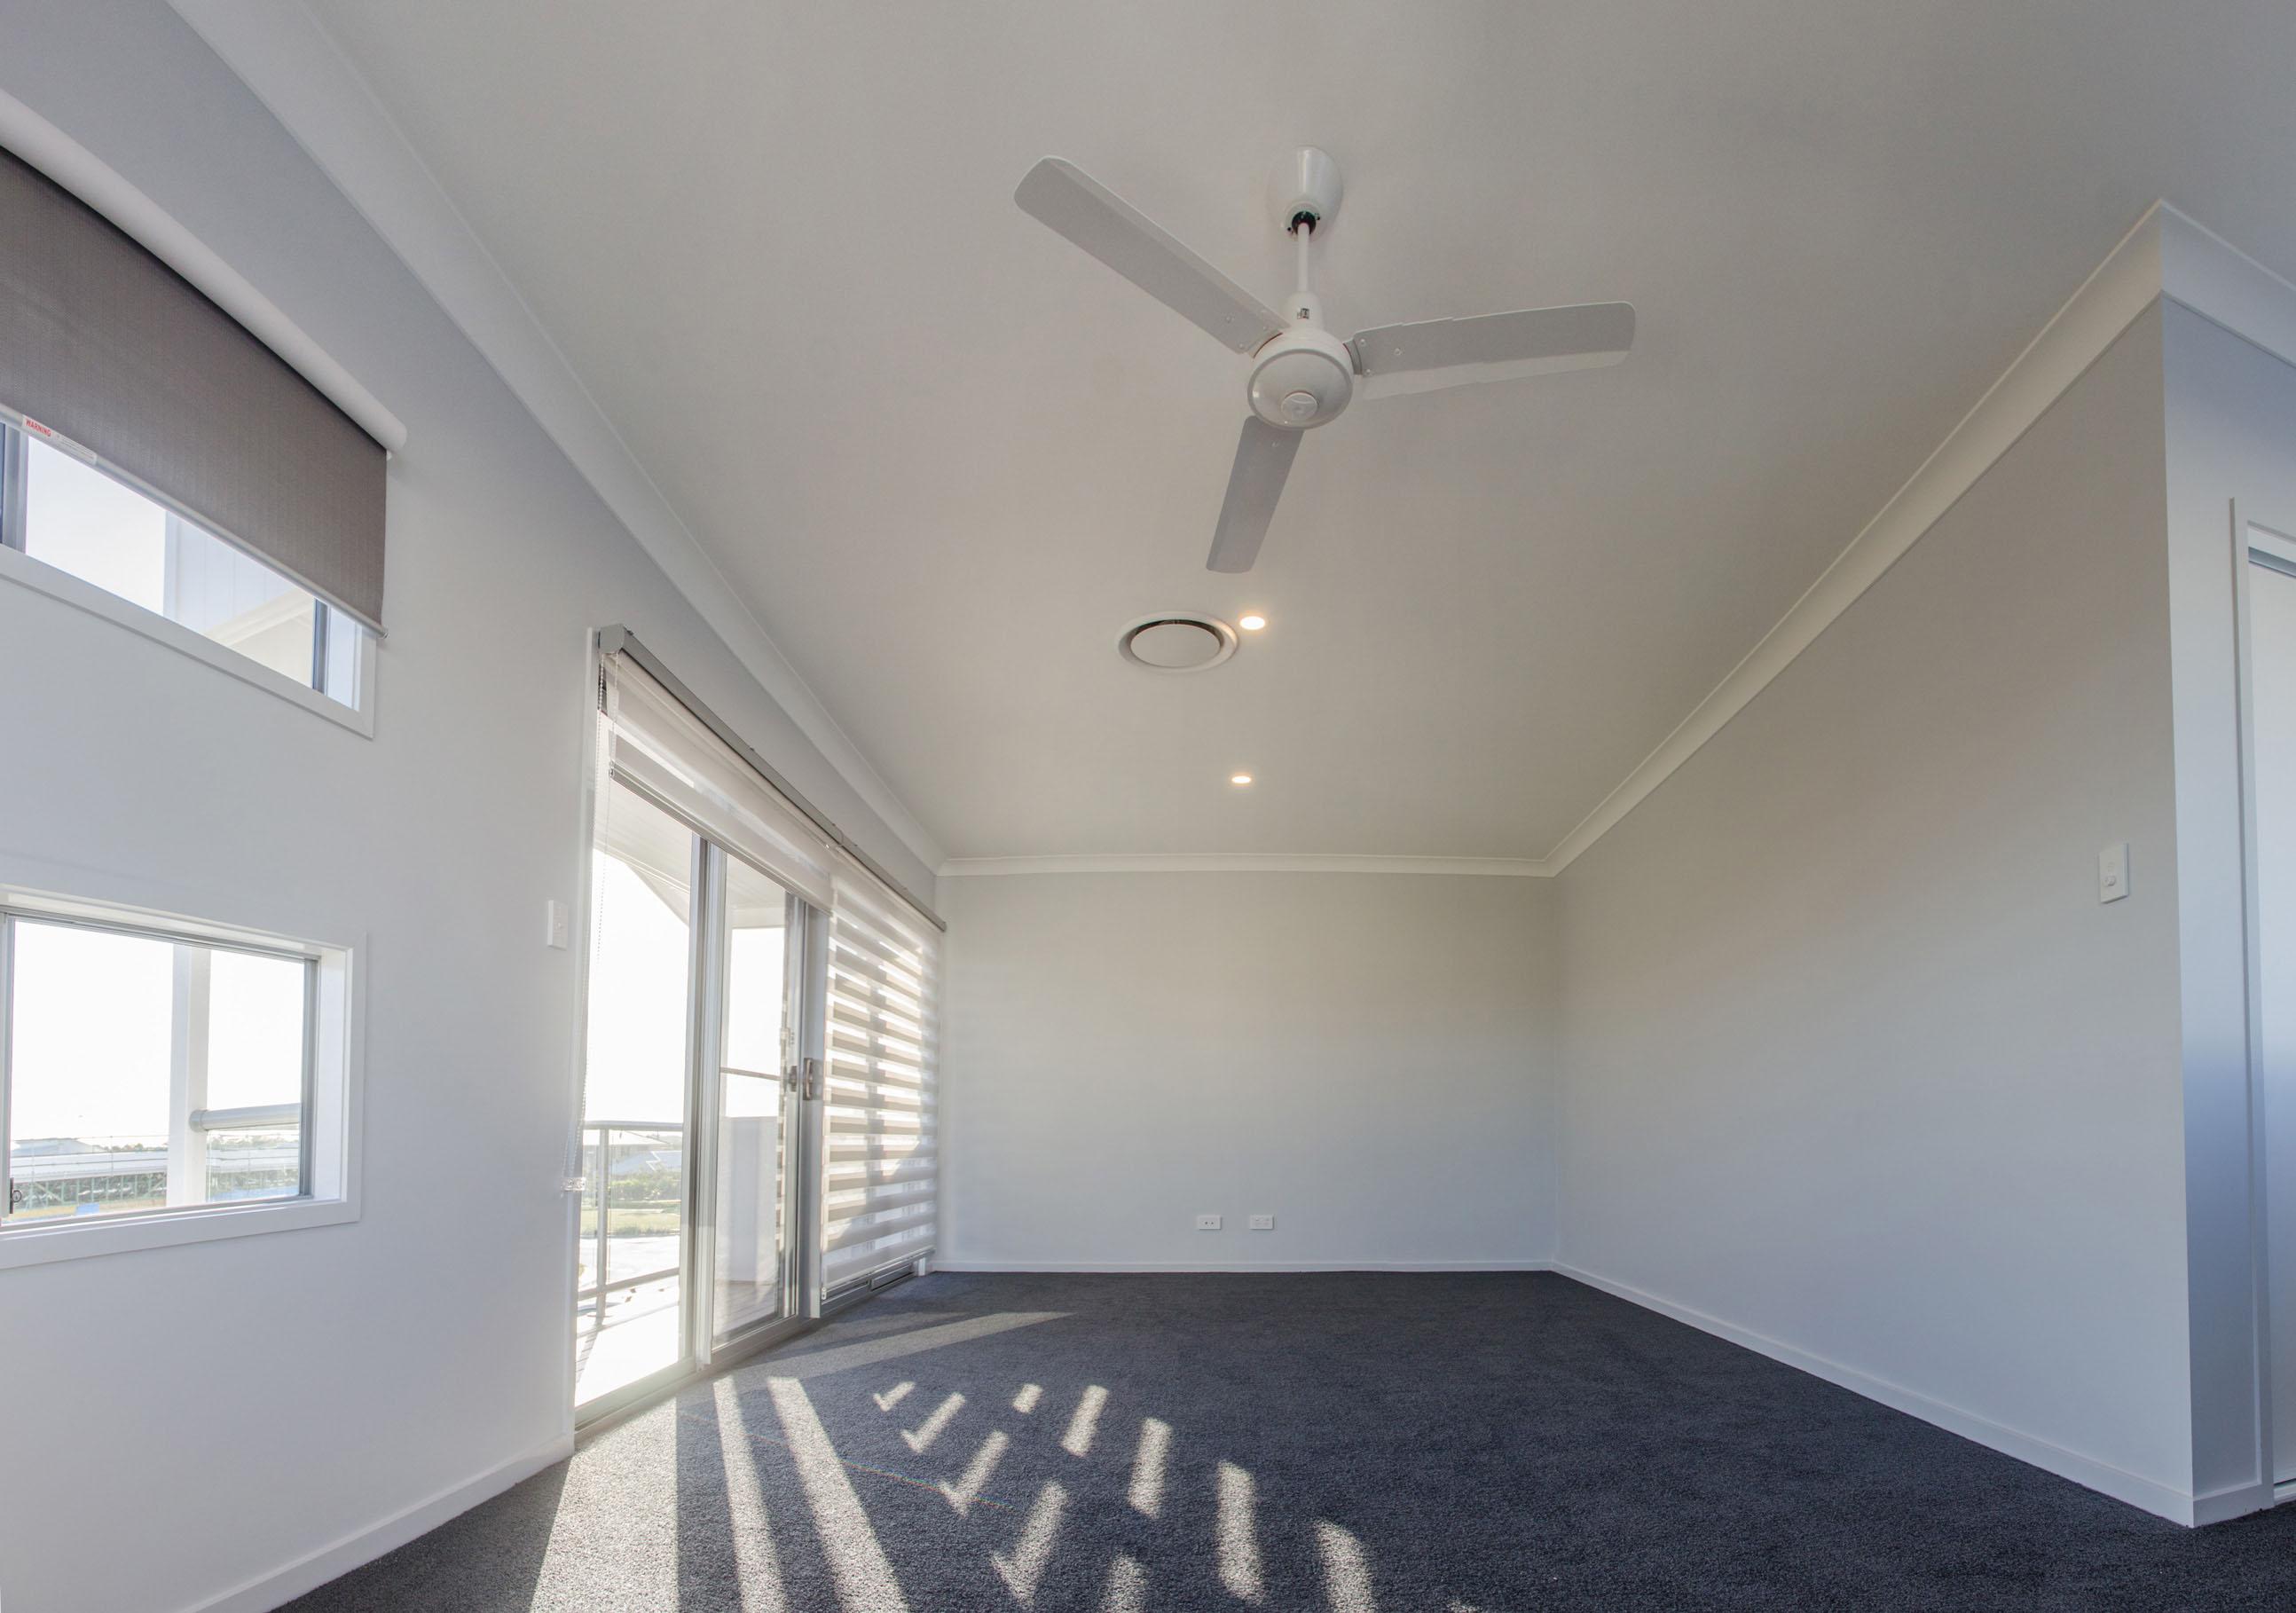 Architettura-Interni - Room1 - Fotografo-di-architettura-interni-real-estate - Fotografo-di-architettura-interni-real-estate